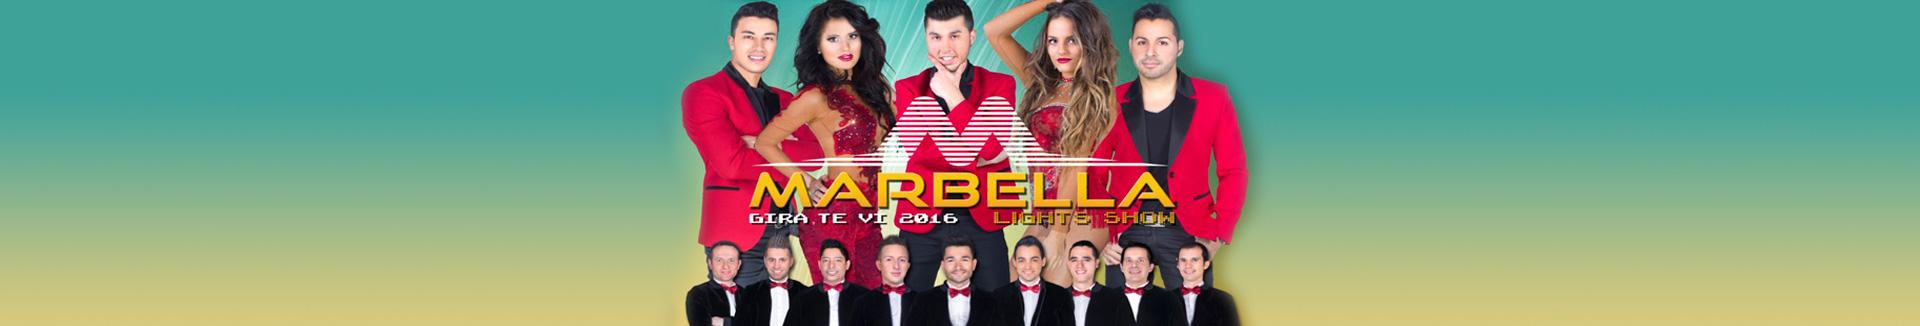 slider-marbella2